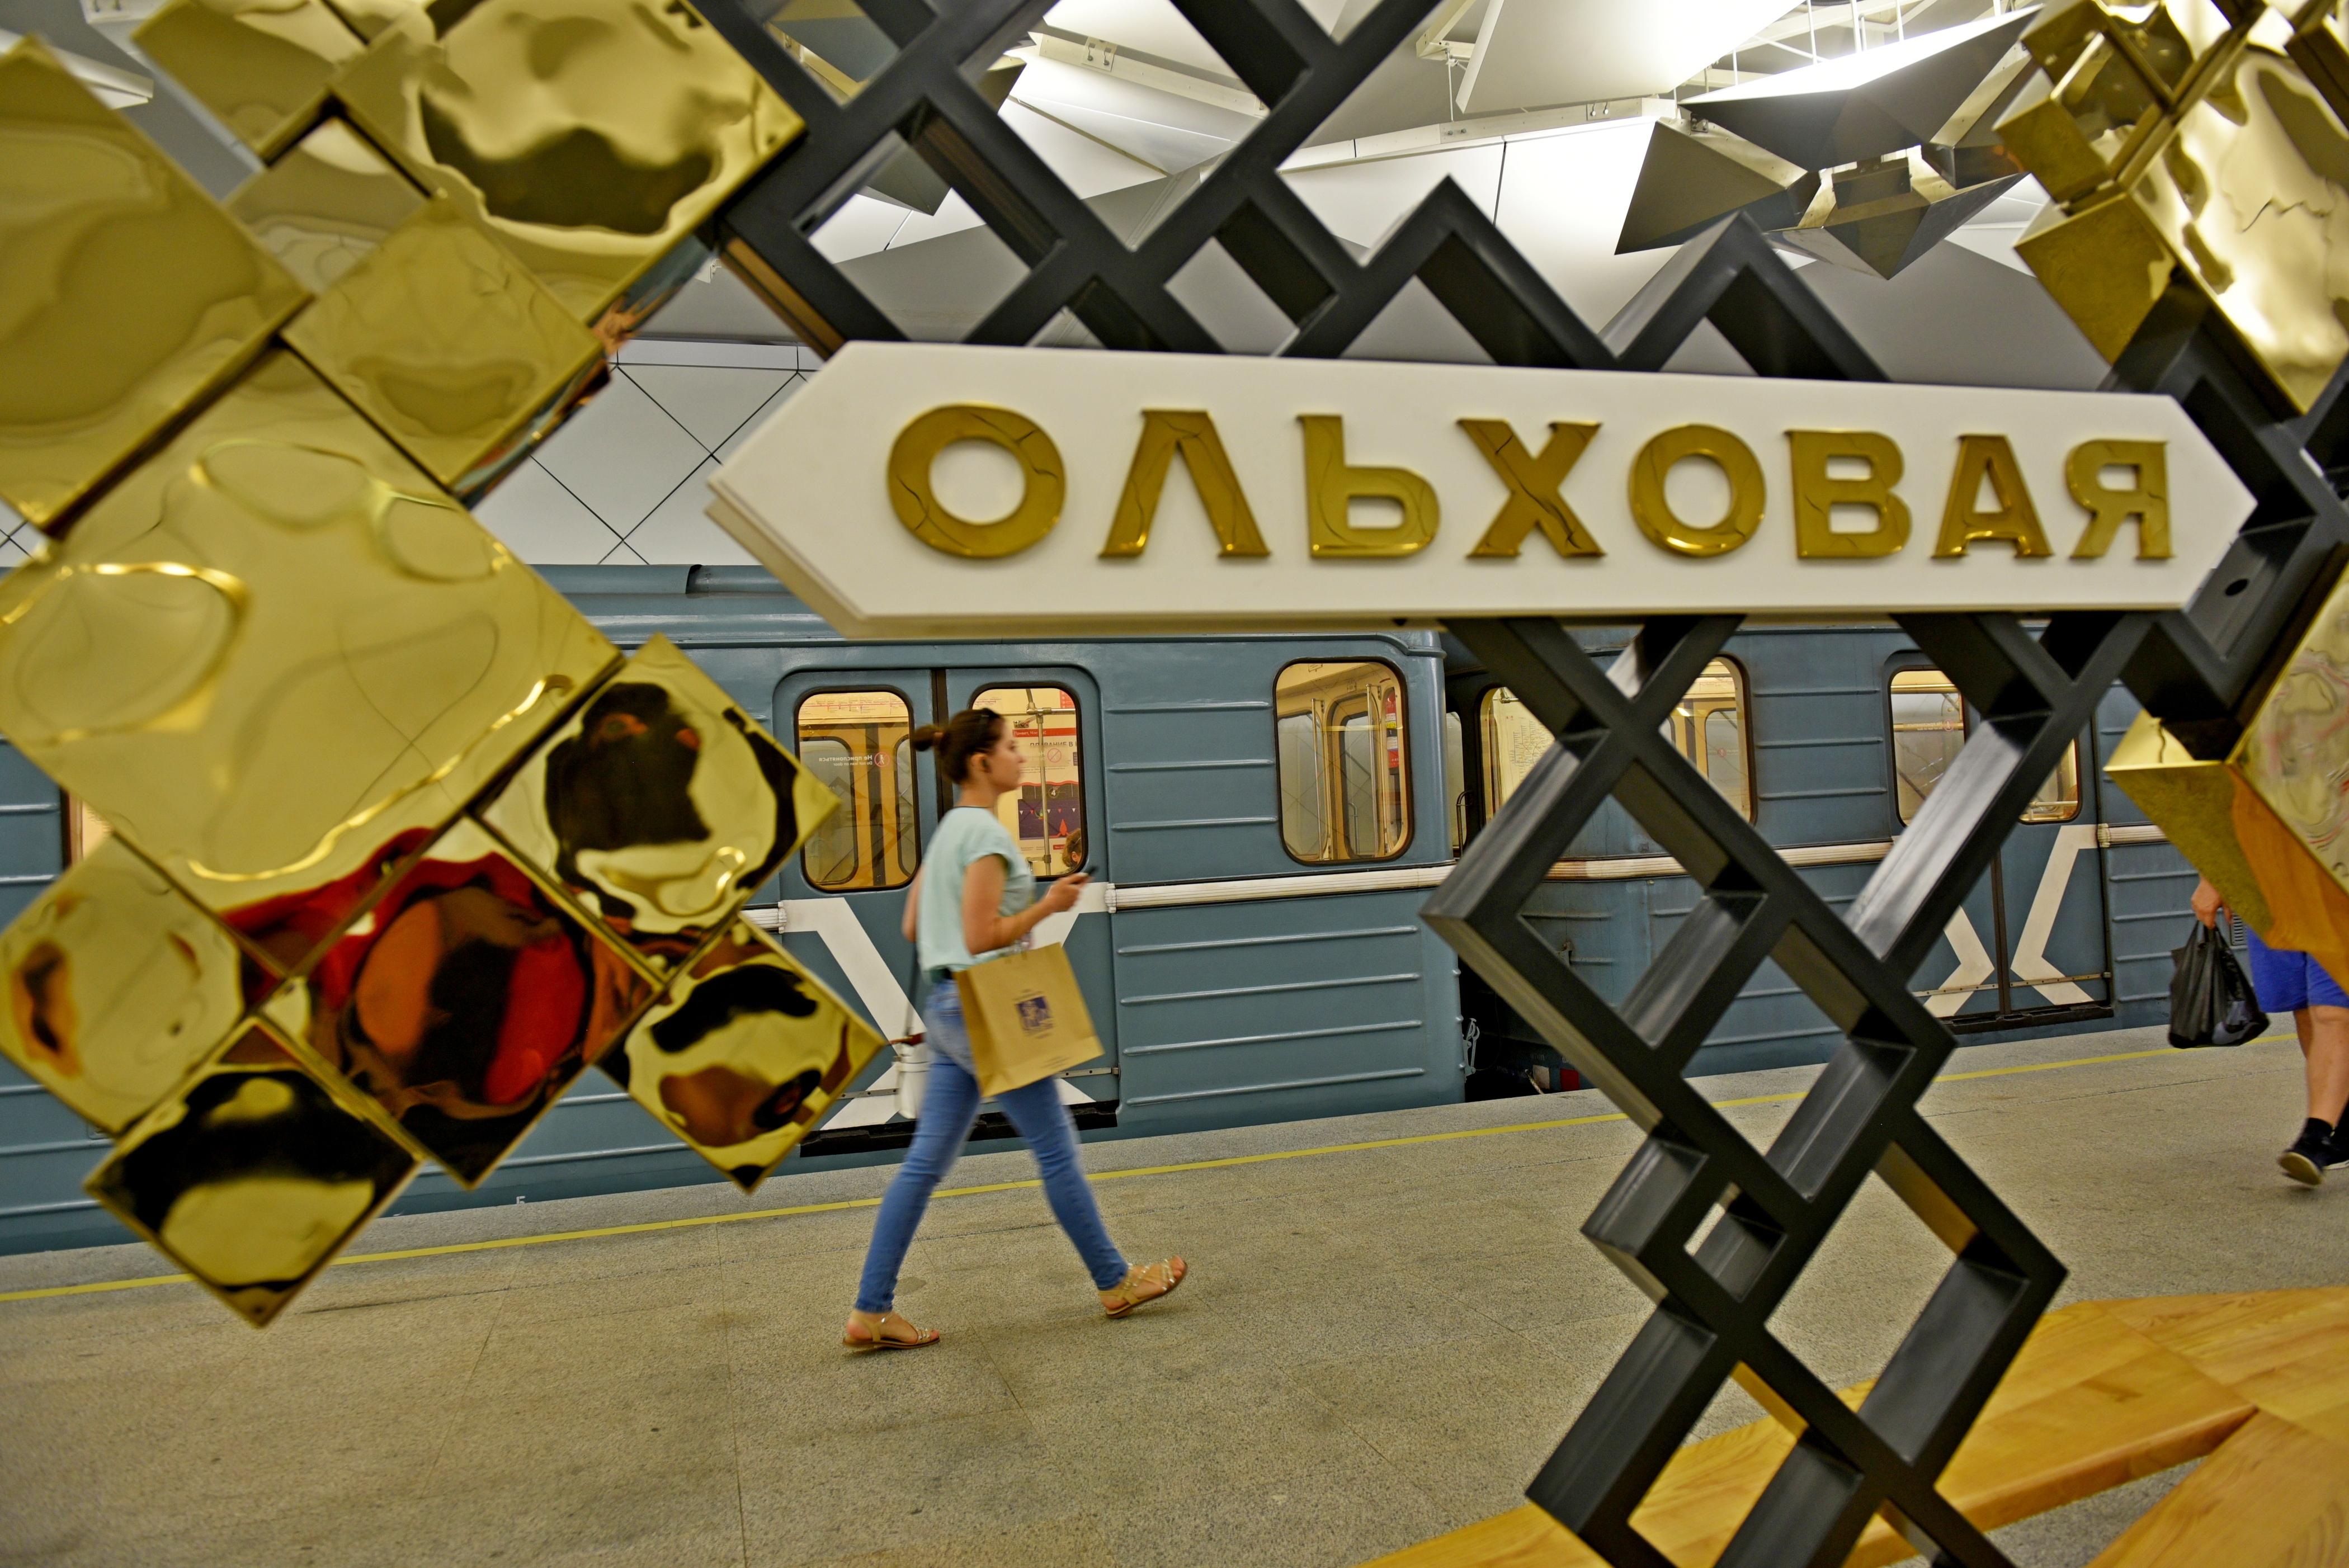 Четыре станции Сокольнической линии метро закроют до 11 августа